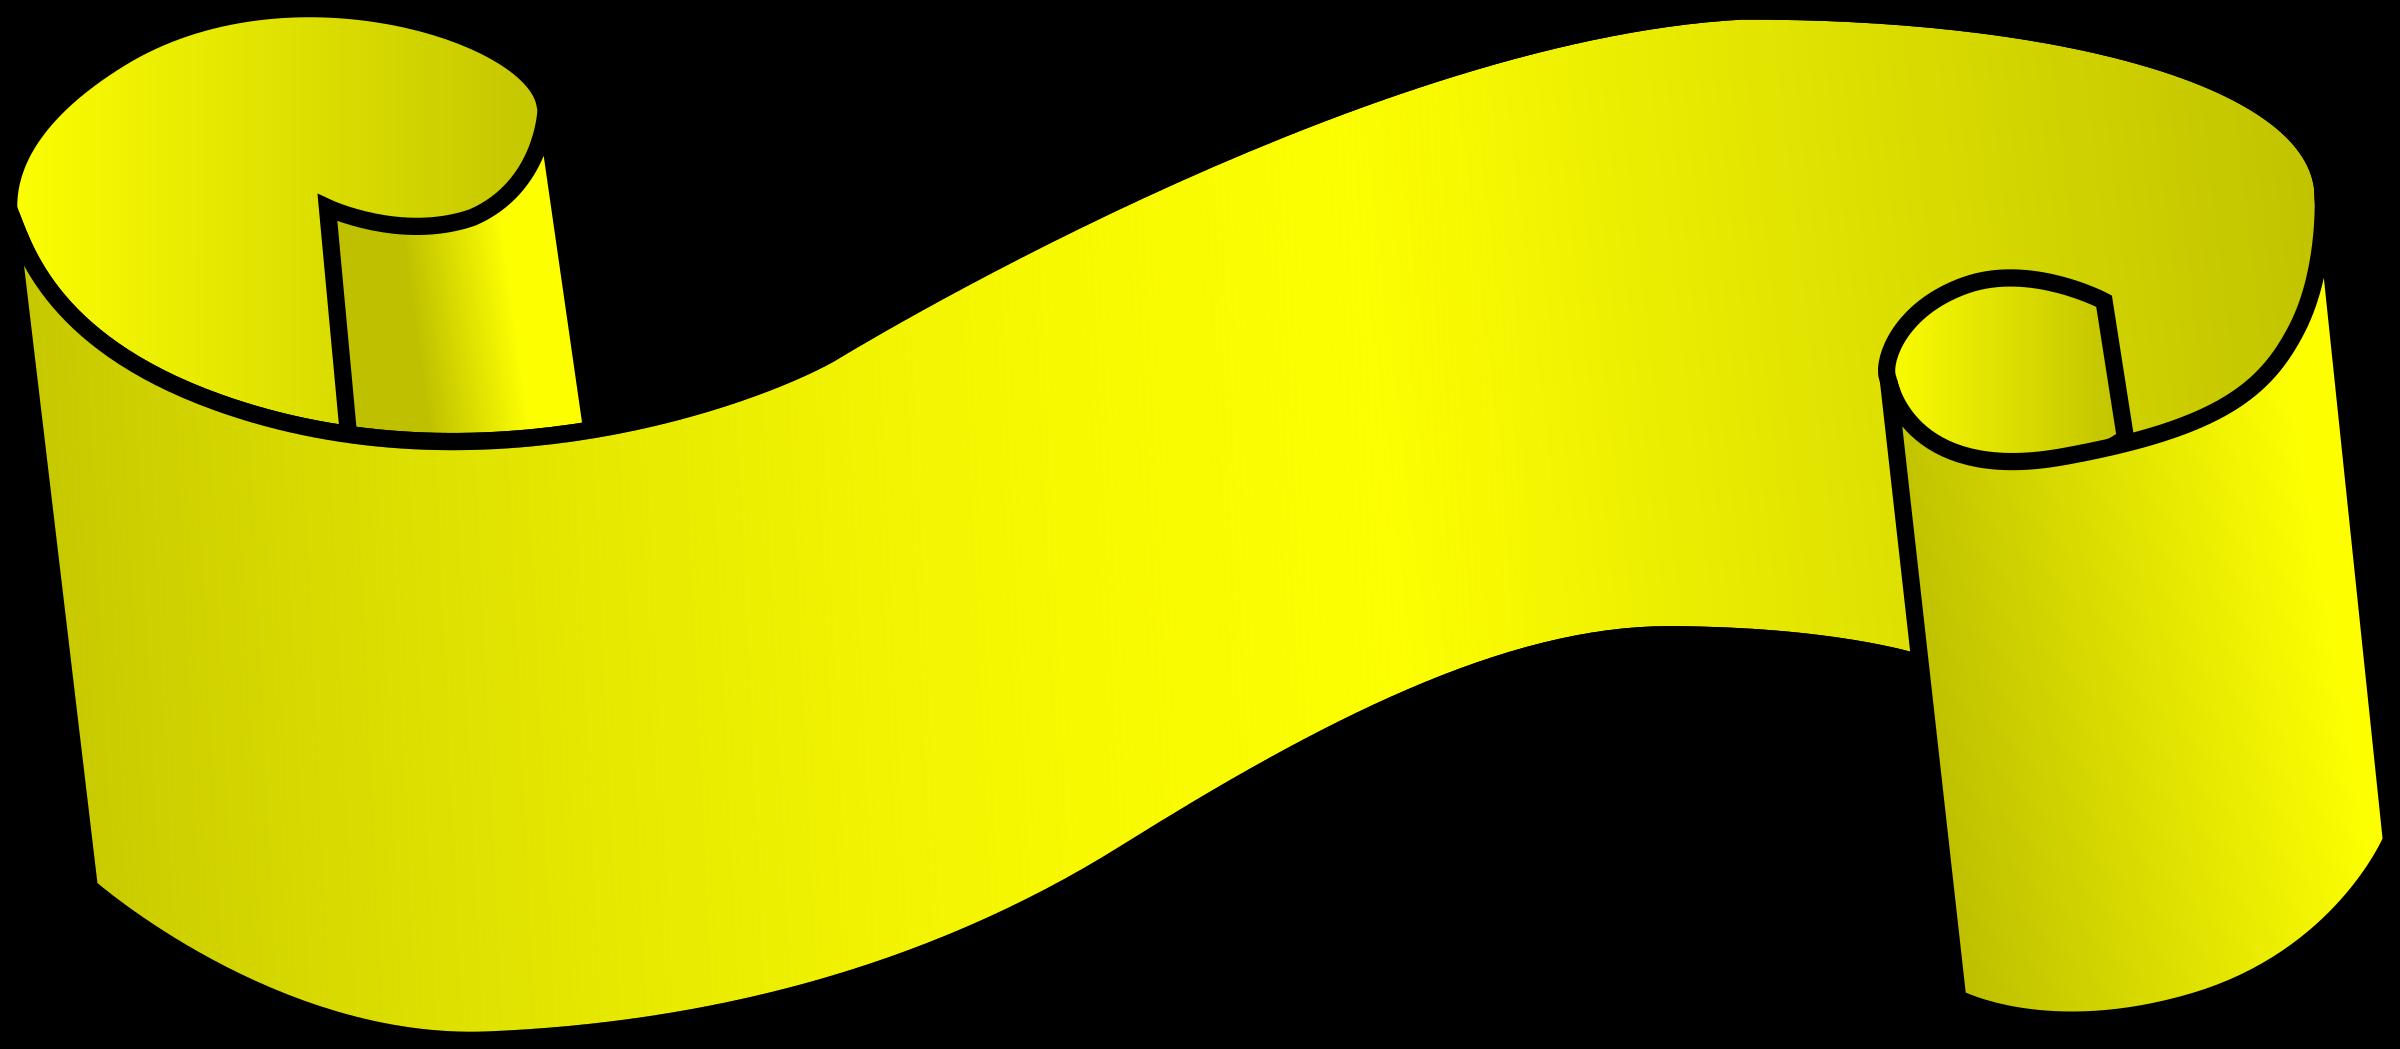 Big image png. Good clipart yellow ribbon